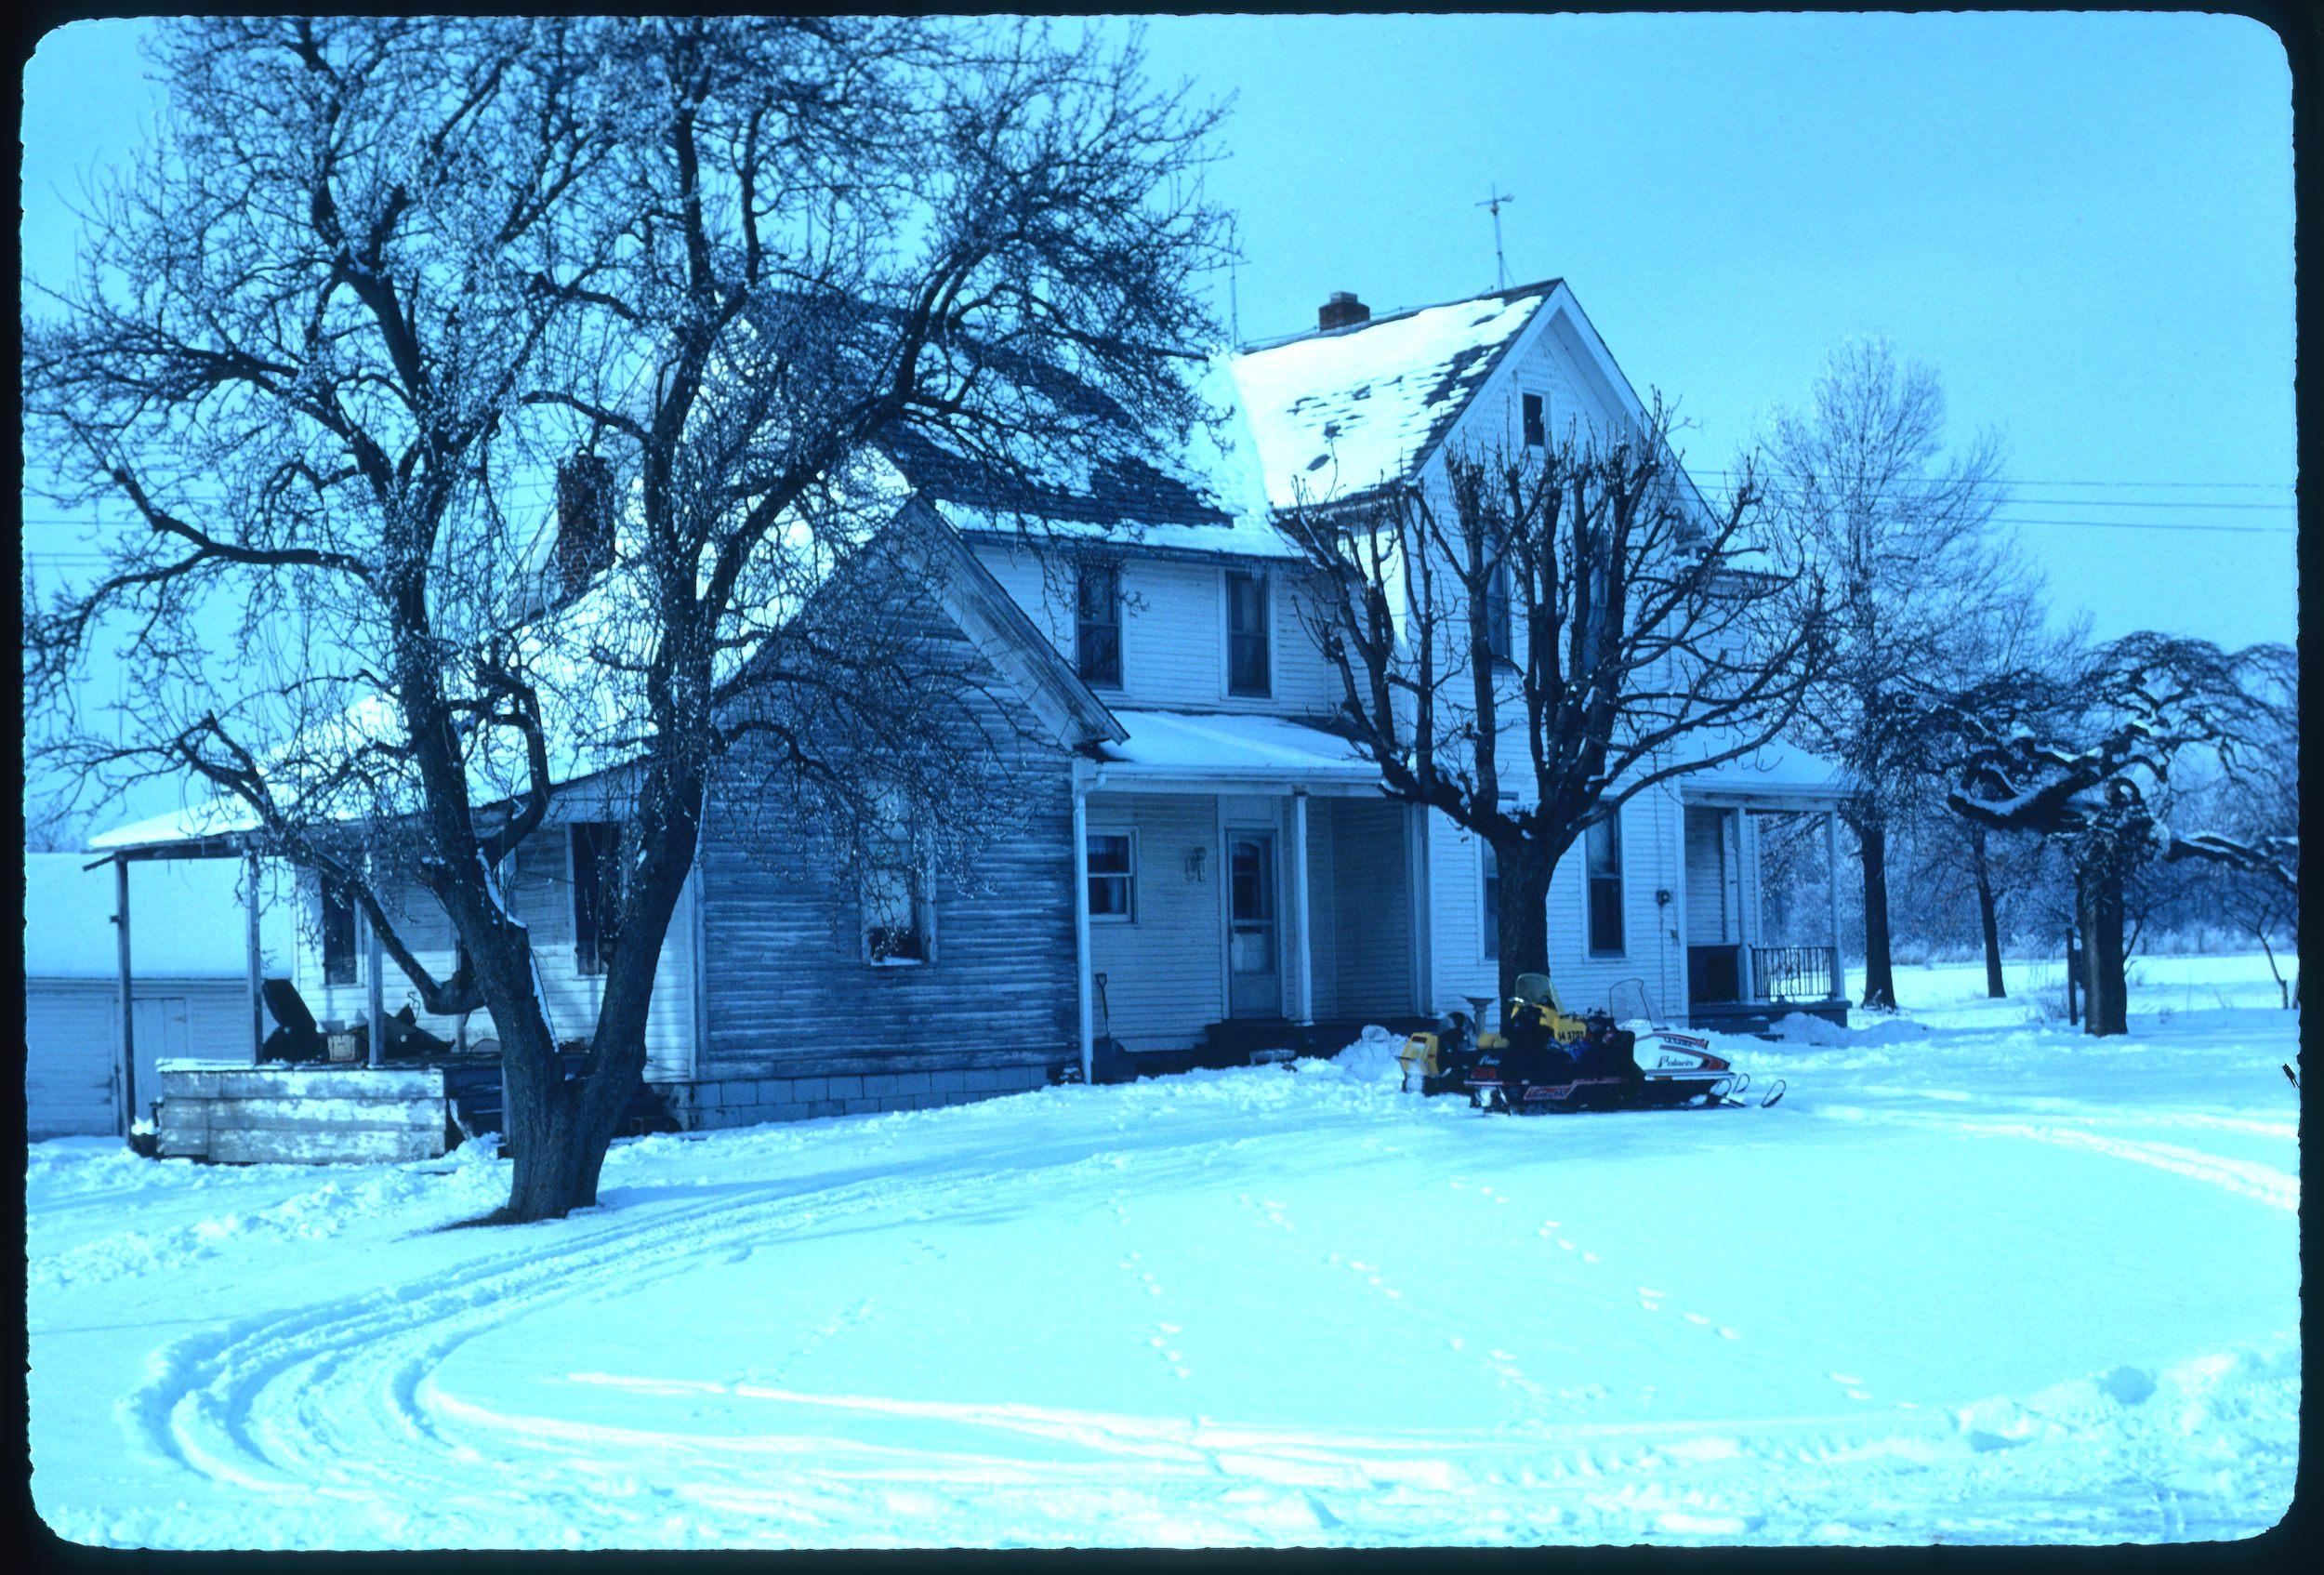 Bultemeier farm house, January 1982